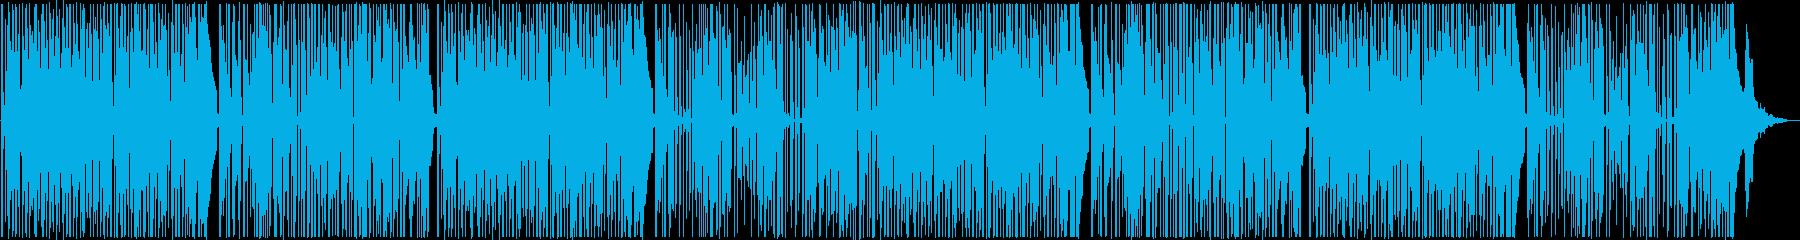 レゲエ調のヒップホップトラックの再生済みの波形